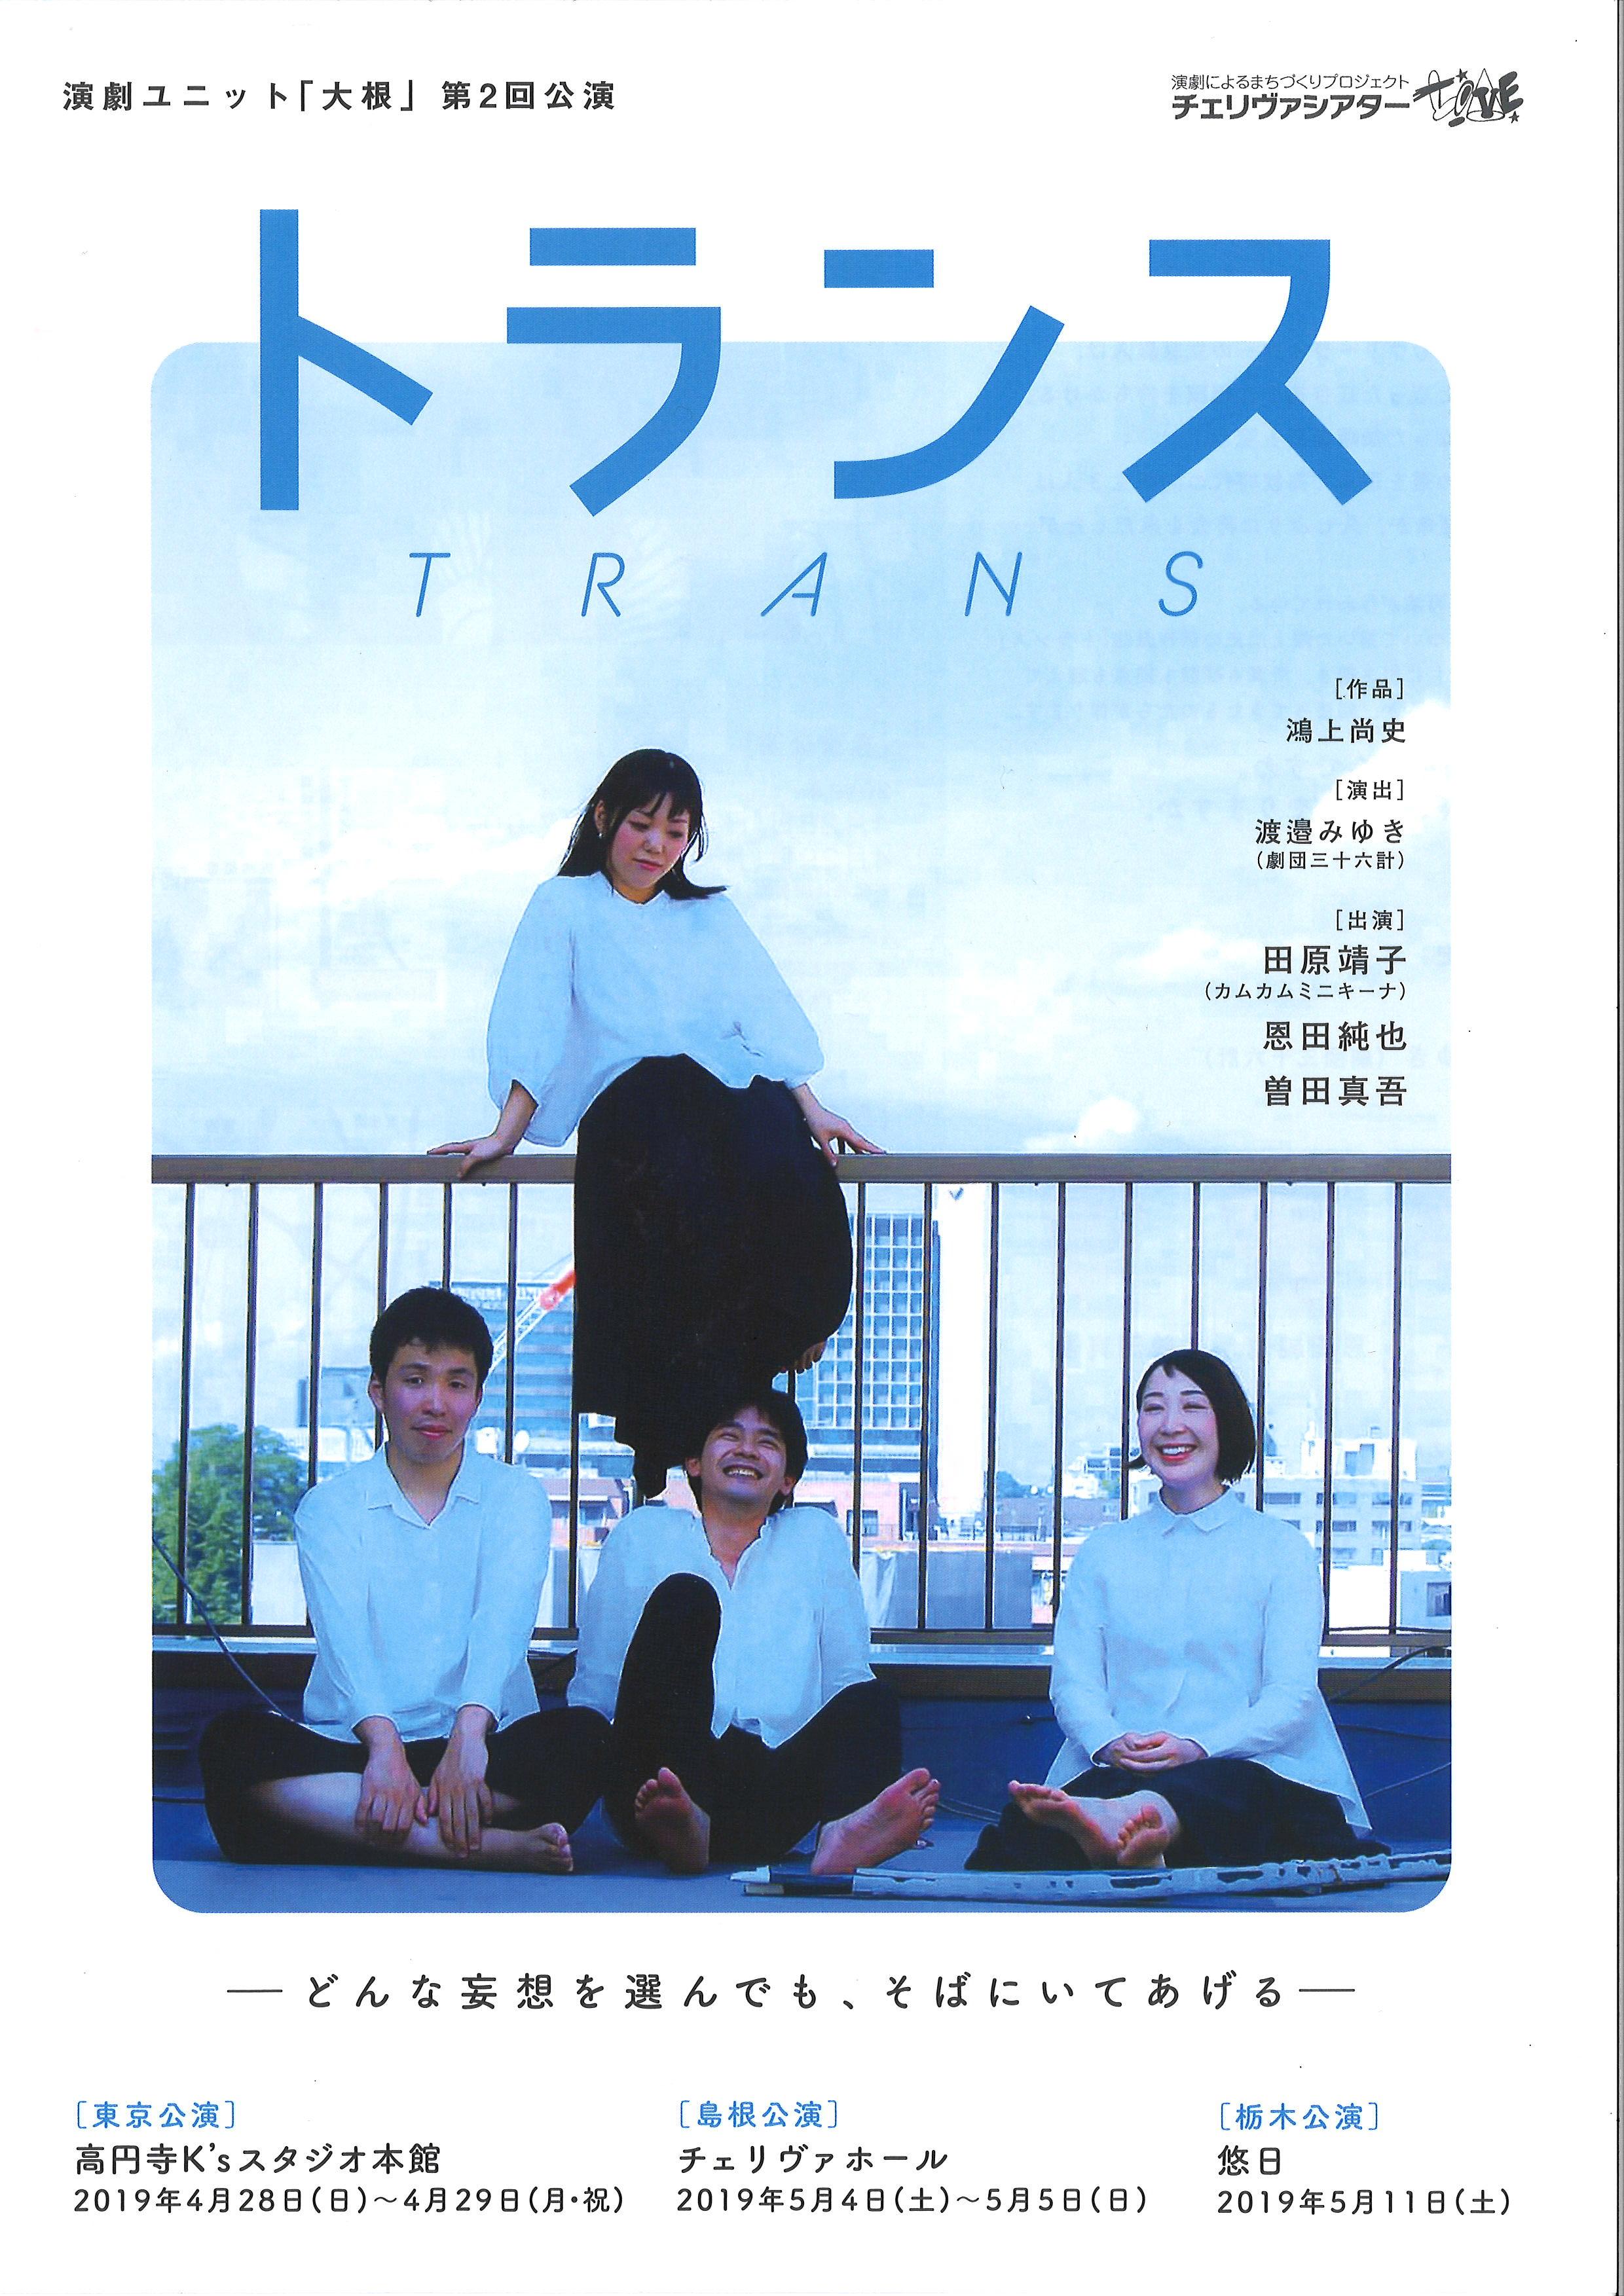 チェリヴァシアターLIVE 演劇ユニット「大根」第2回公演『トランス』